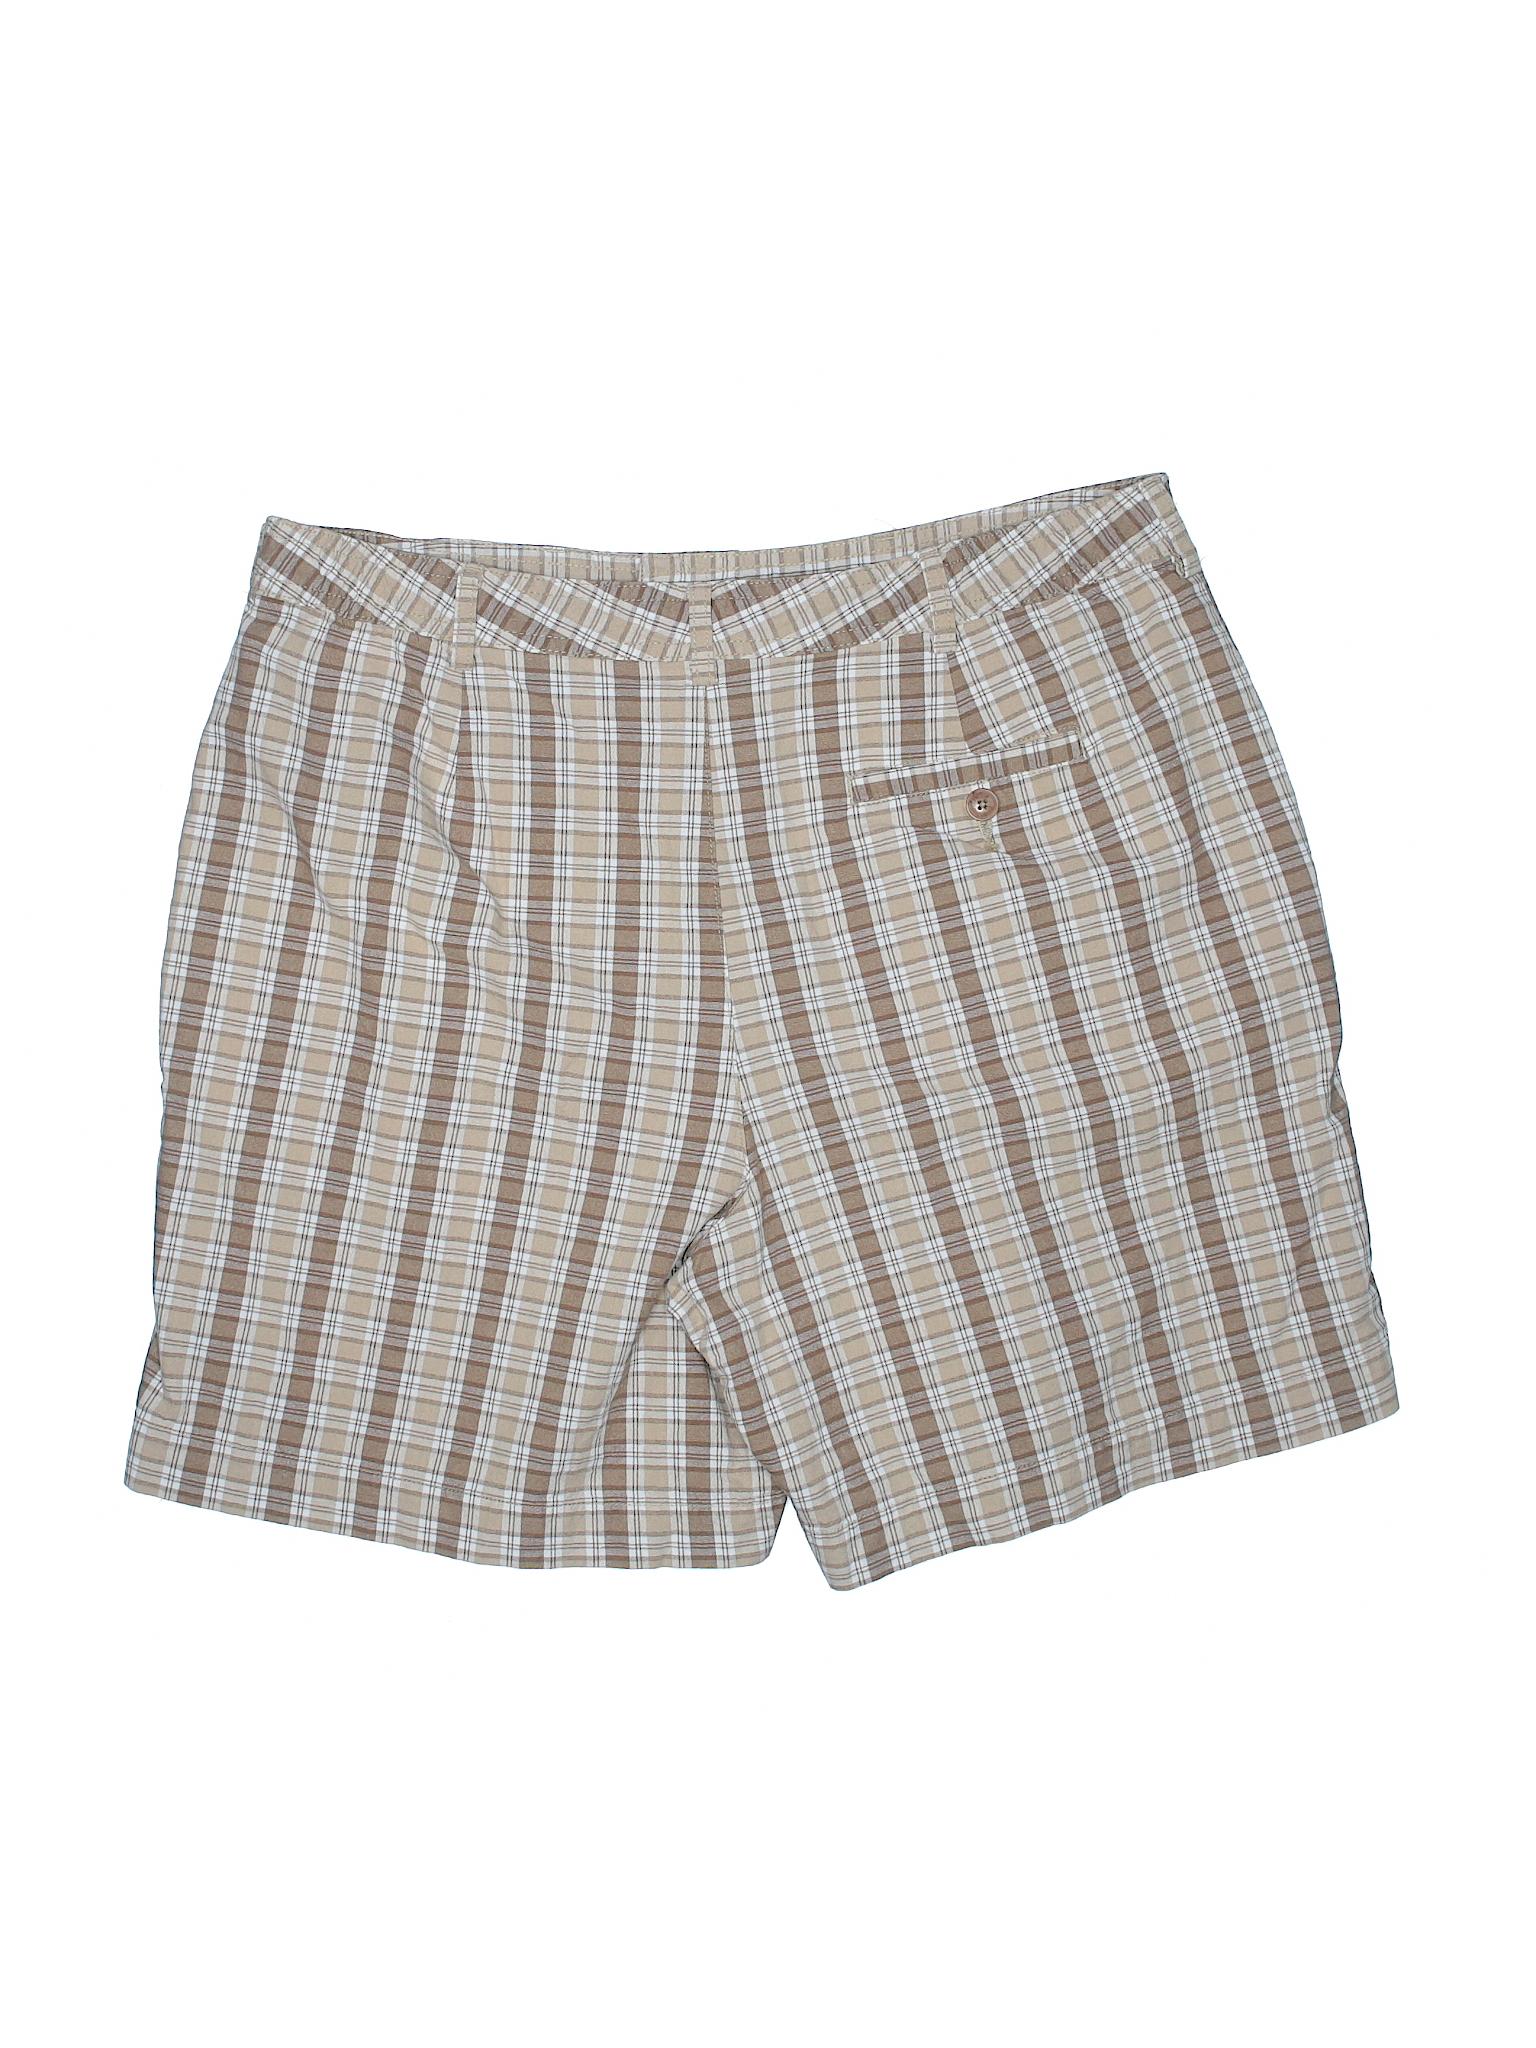 Shorts Boutique Stag Khaki White Boutique White BXqxZS4z